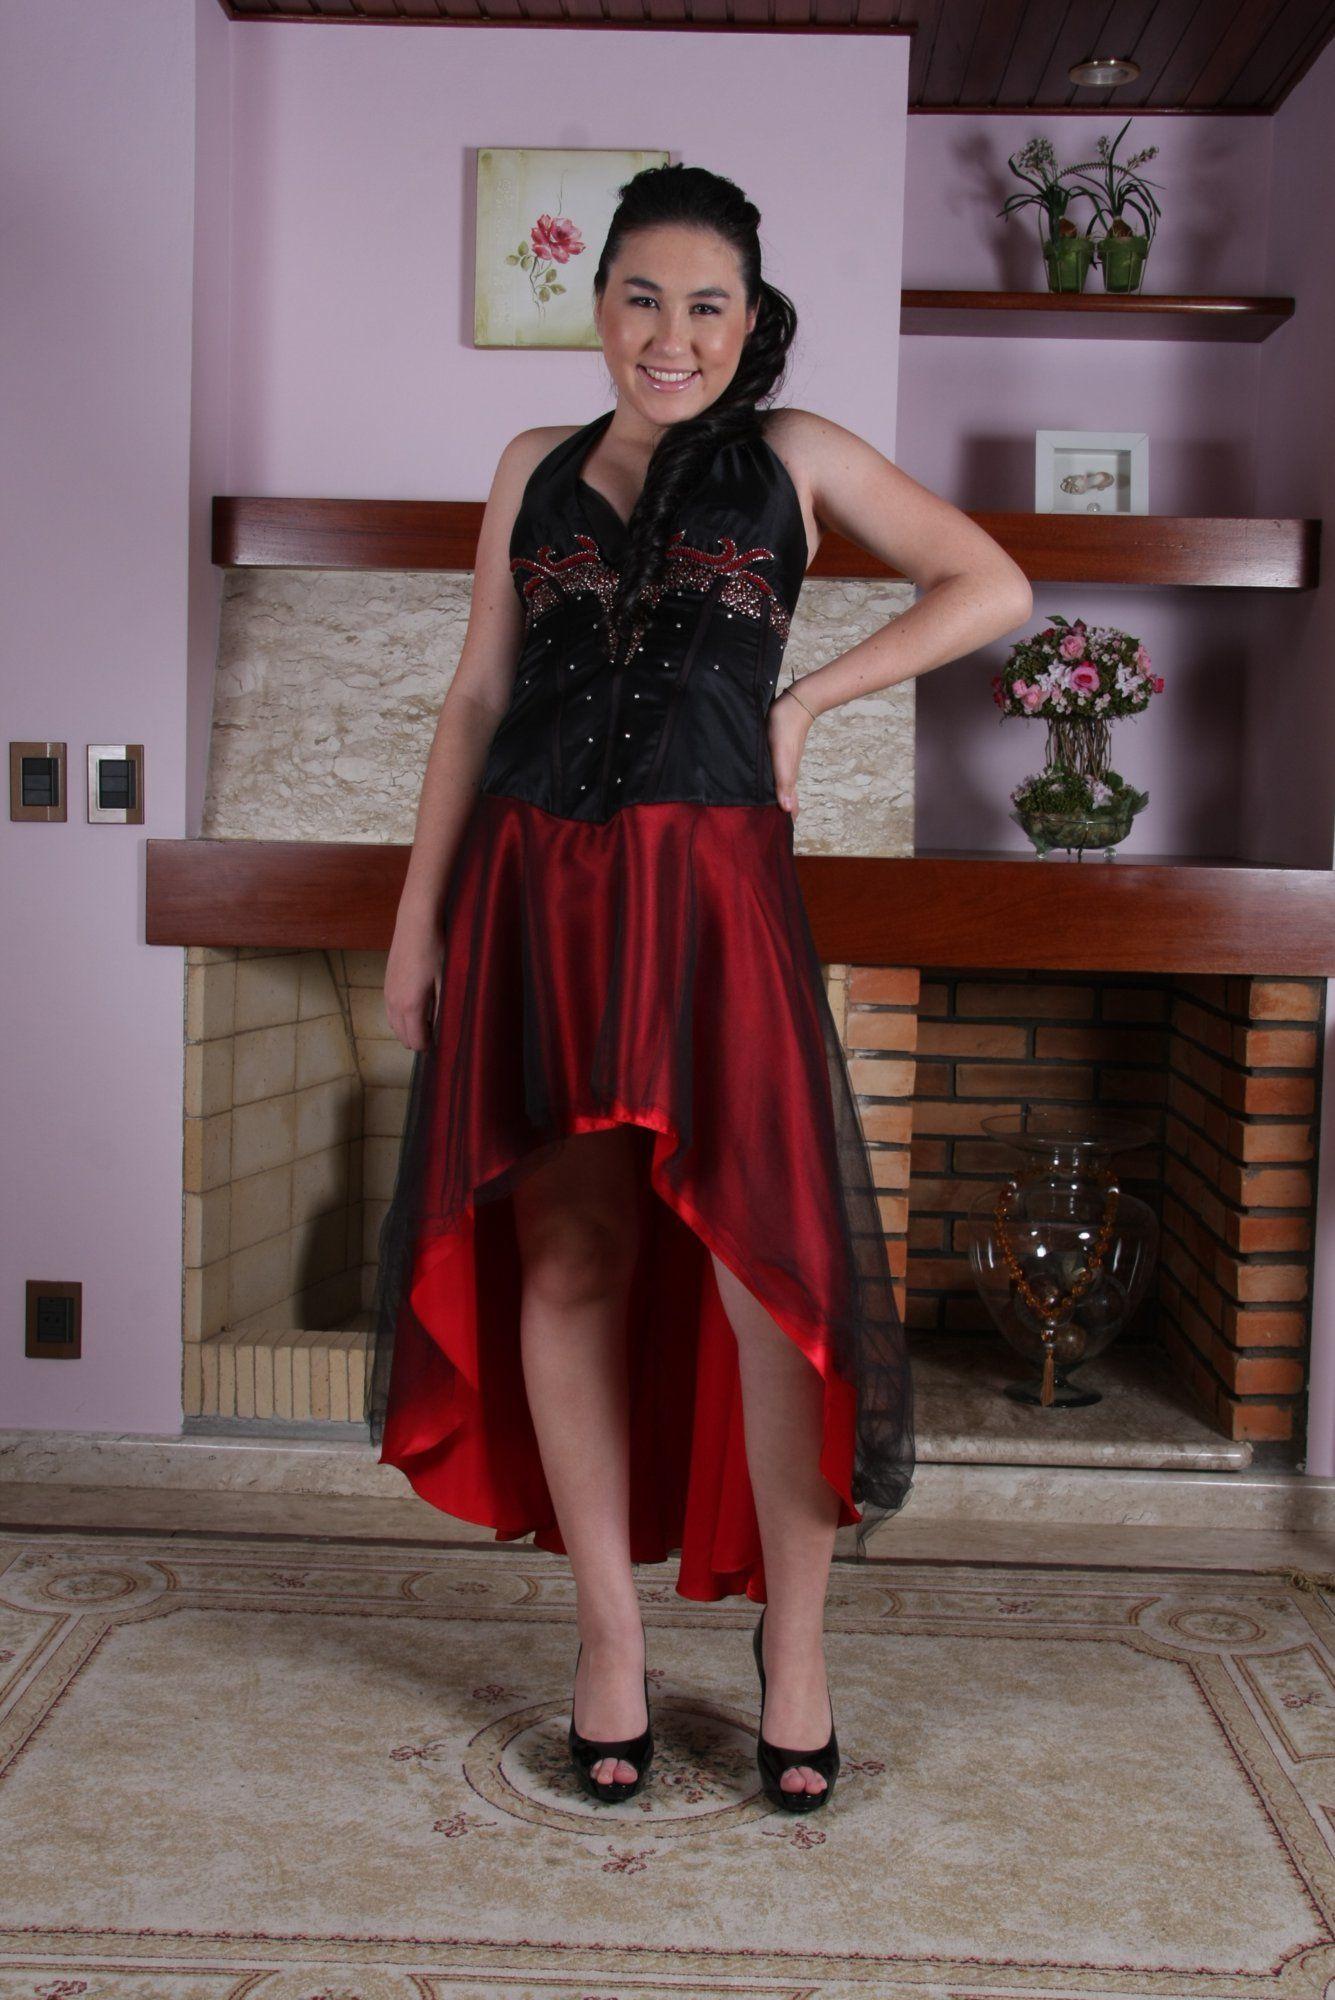 Vestido de Debutante Vermelho - 12 - Hipnose Alta Costura e Spa para Noivas e Noivos - Campinas - SP Vestido de Debutante, Vestido de Debutante Vermelho, Hipnose Alta Costura